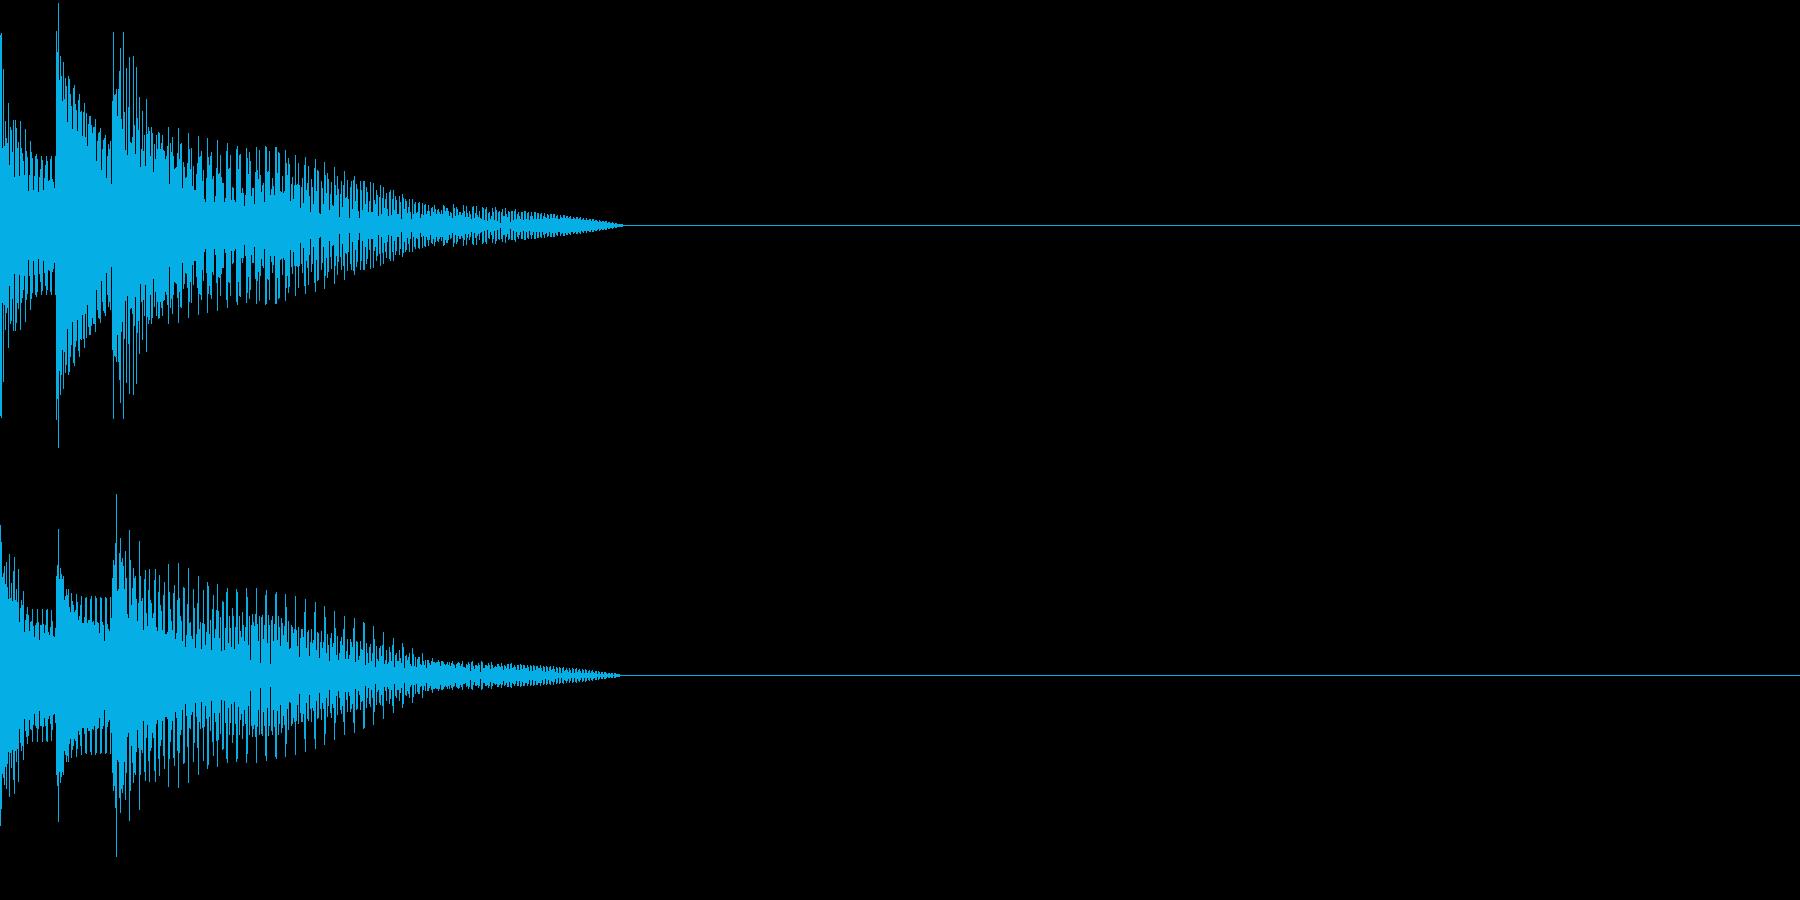 Cursor セレクト・カーソルの音11の再生済みの波形